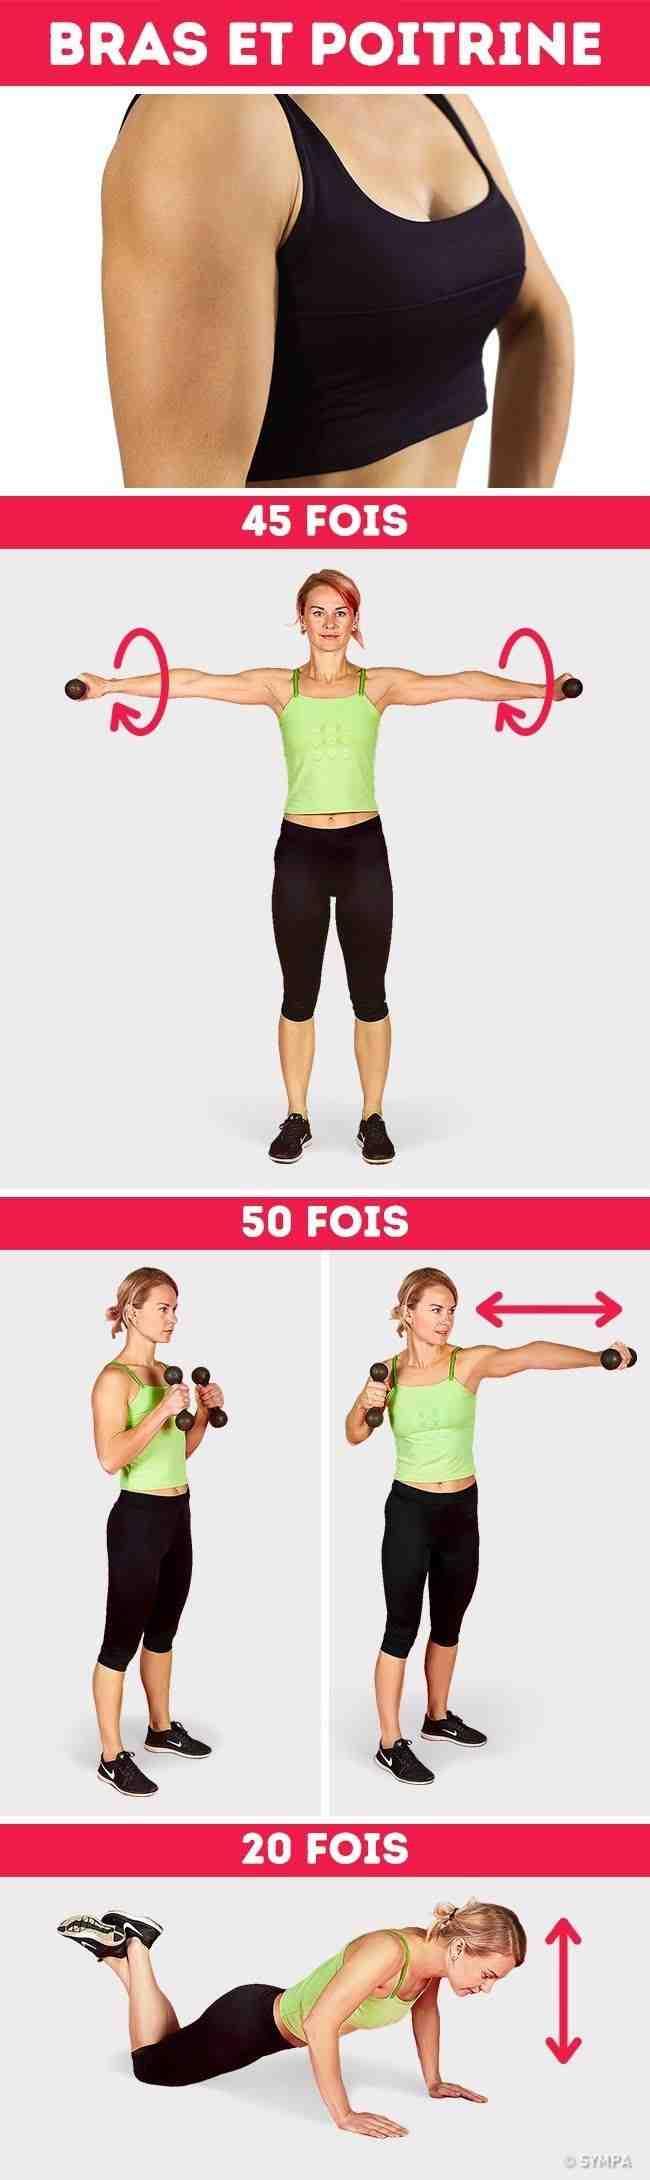 Quel est le meilleur appareil pour entraîner tout le corps?